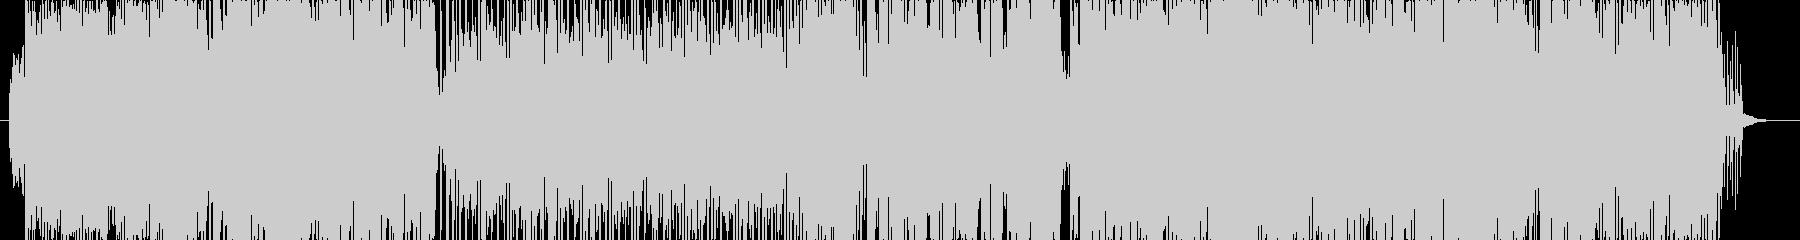 女性ボーカルポップス(4つ打ち系)の未再生の波形